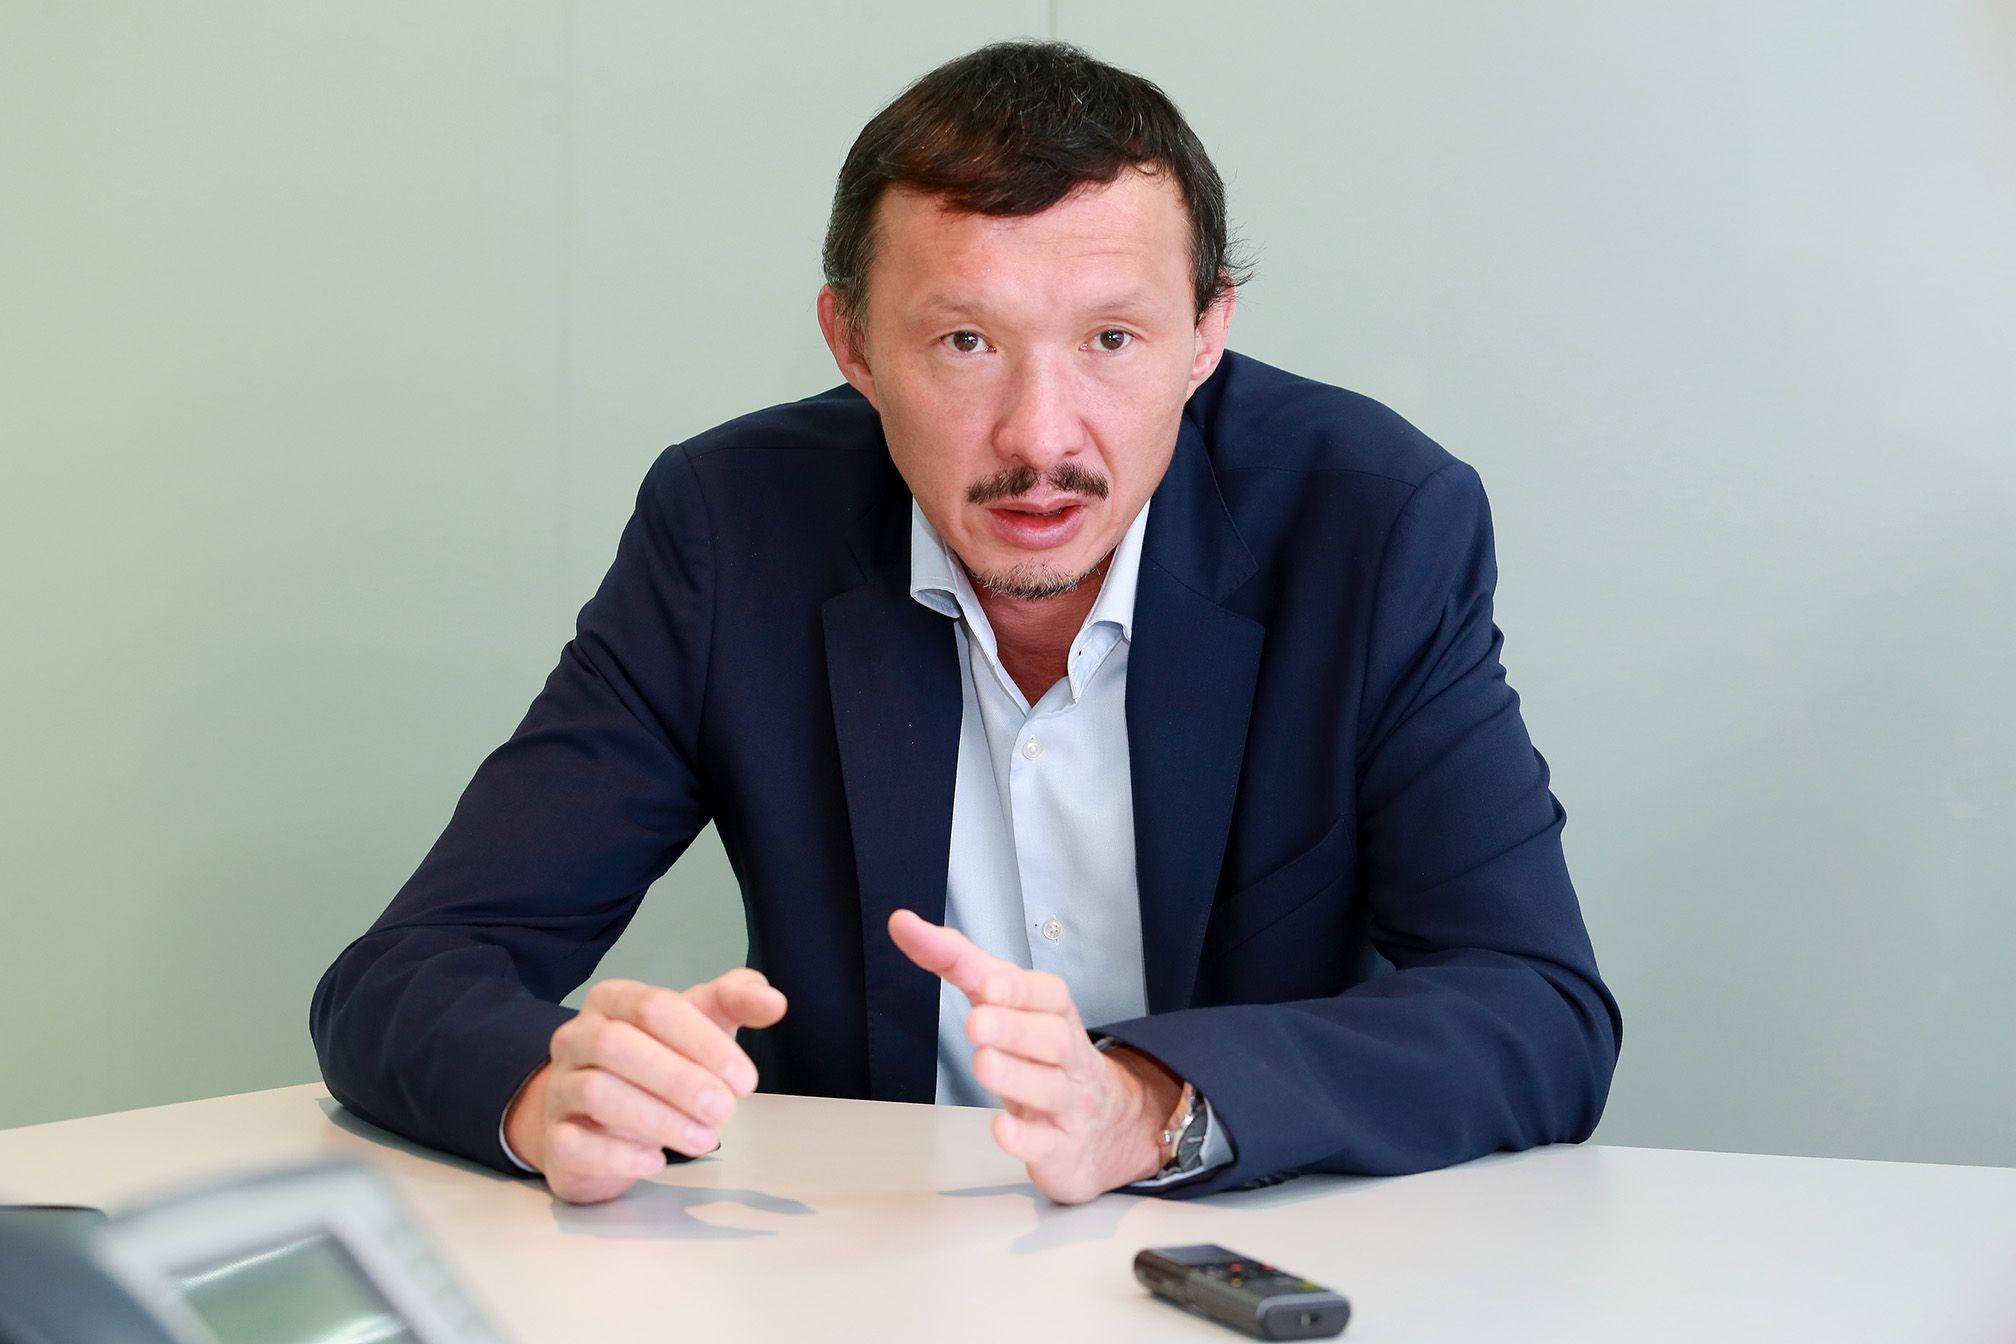 Цифровая трансформация поможет бизнесу сэкономить 511666 - Kapital.kz